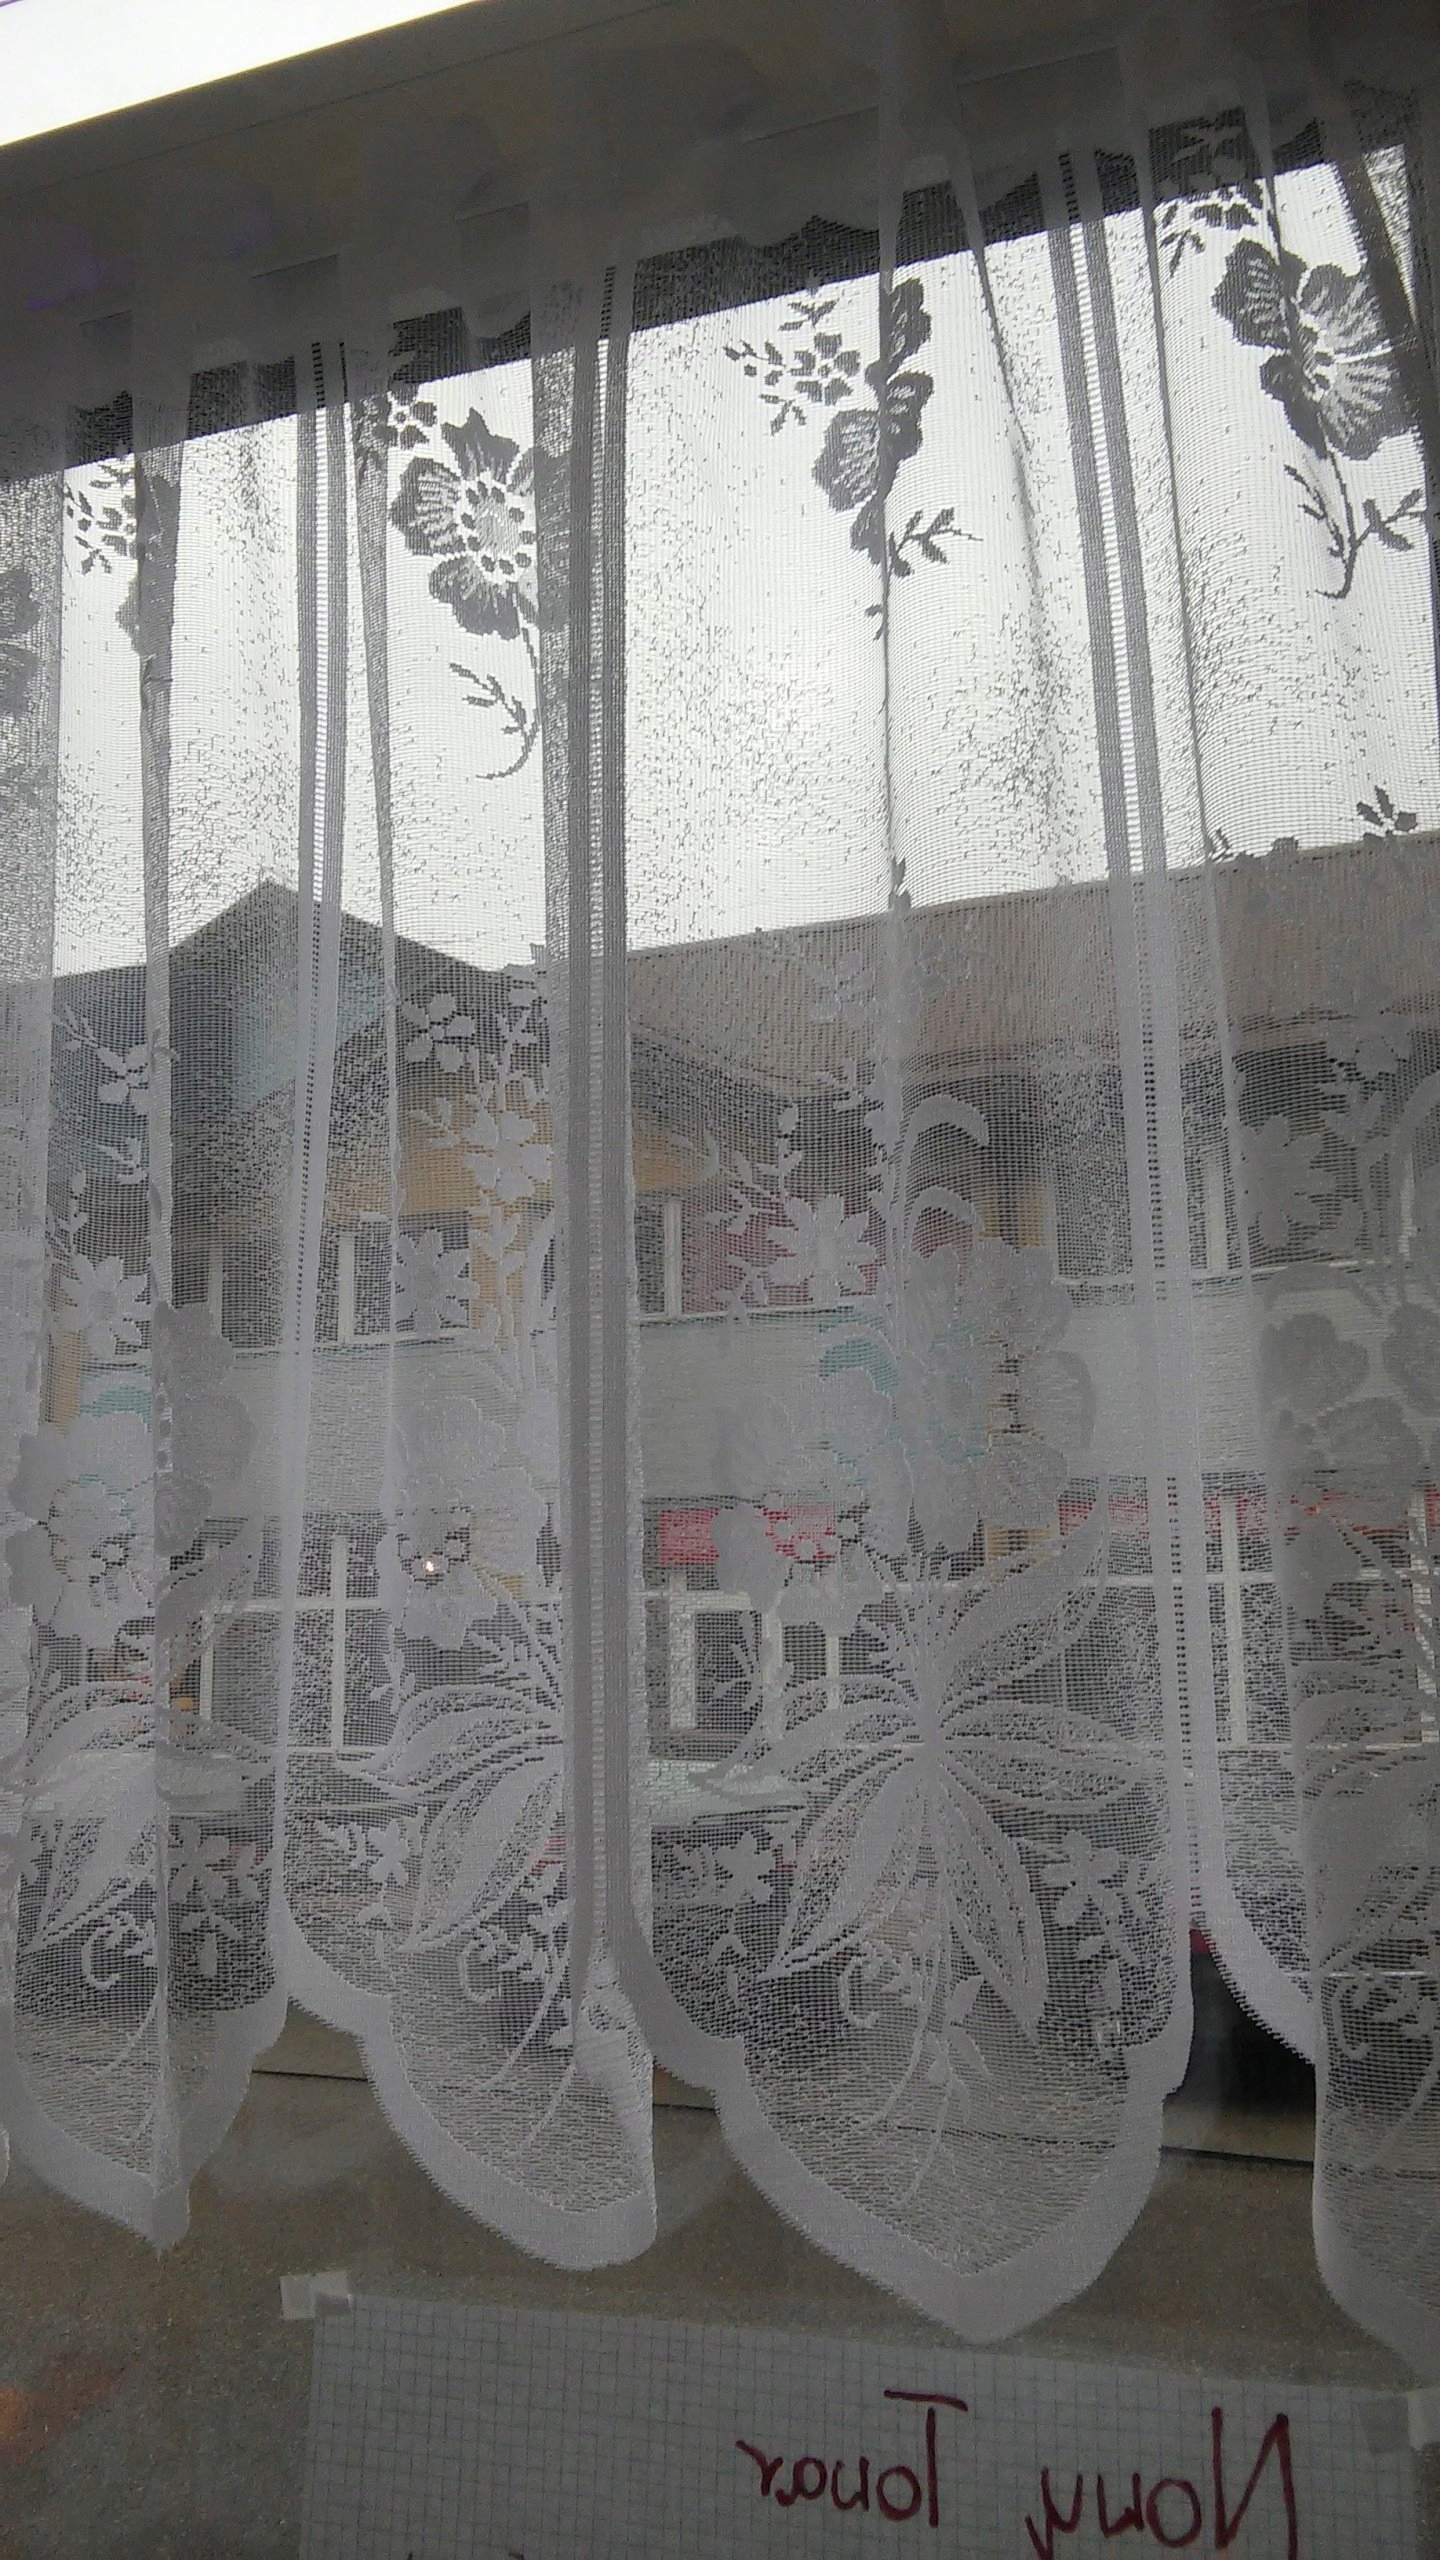 Promocja 5zł Metr Zazdrostka żakardowa 60cm 7141633967